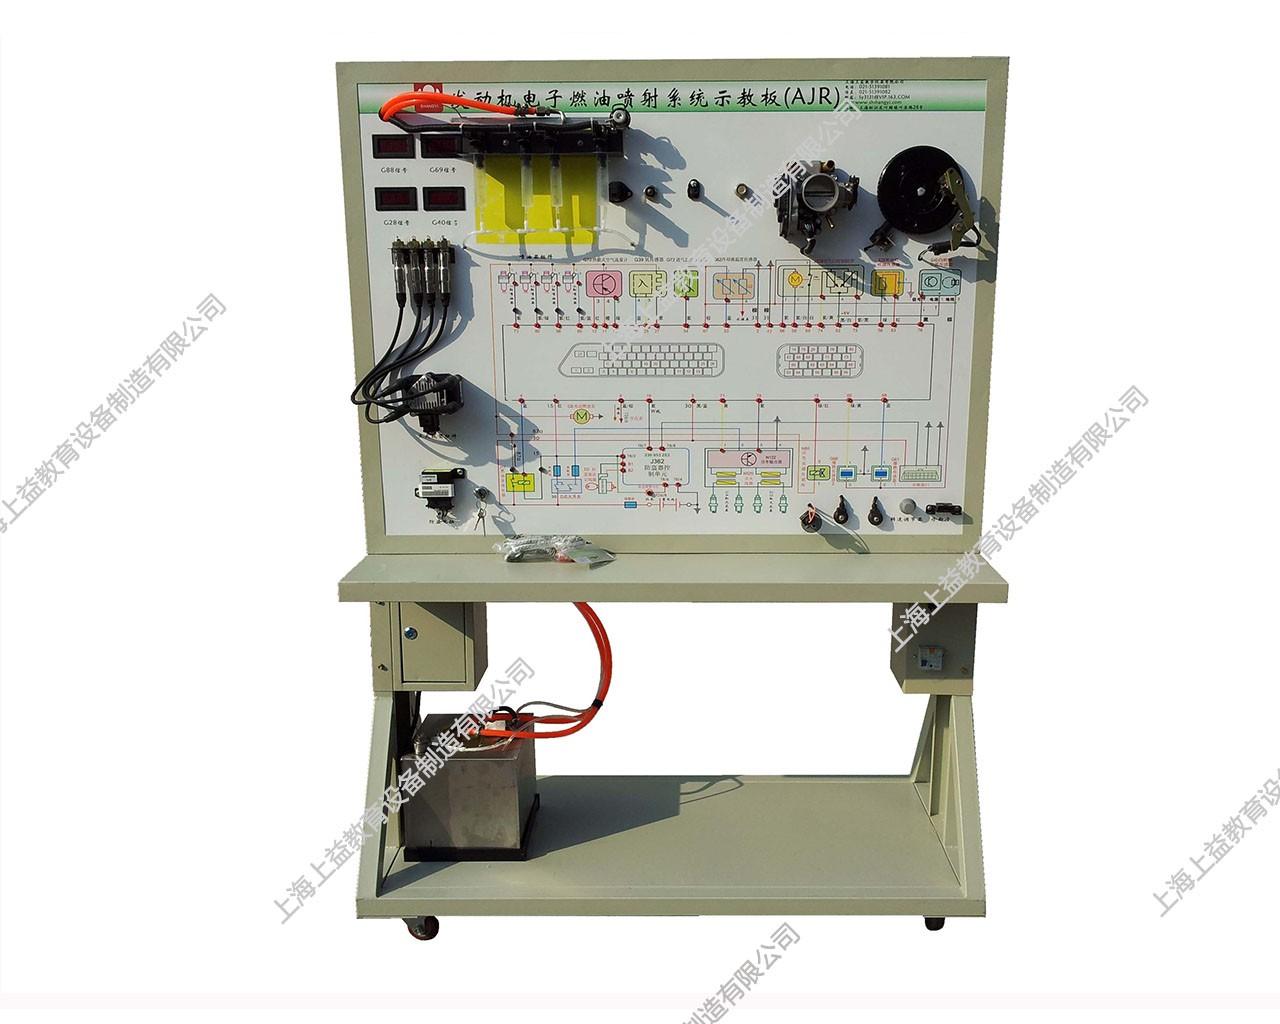 汽油发动机电子燃油喷射系统示教板(大众AJR)